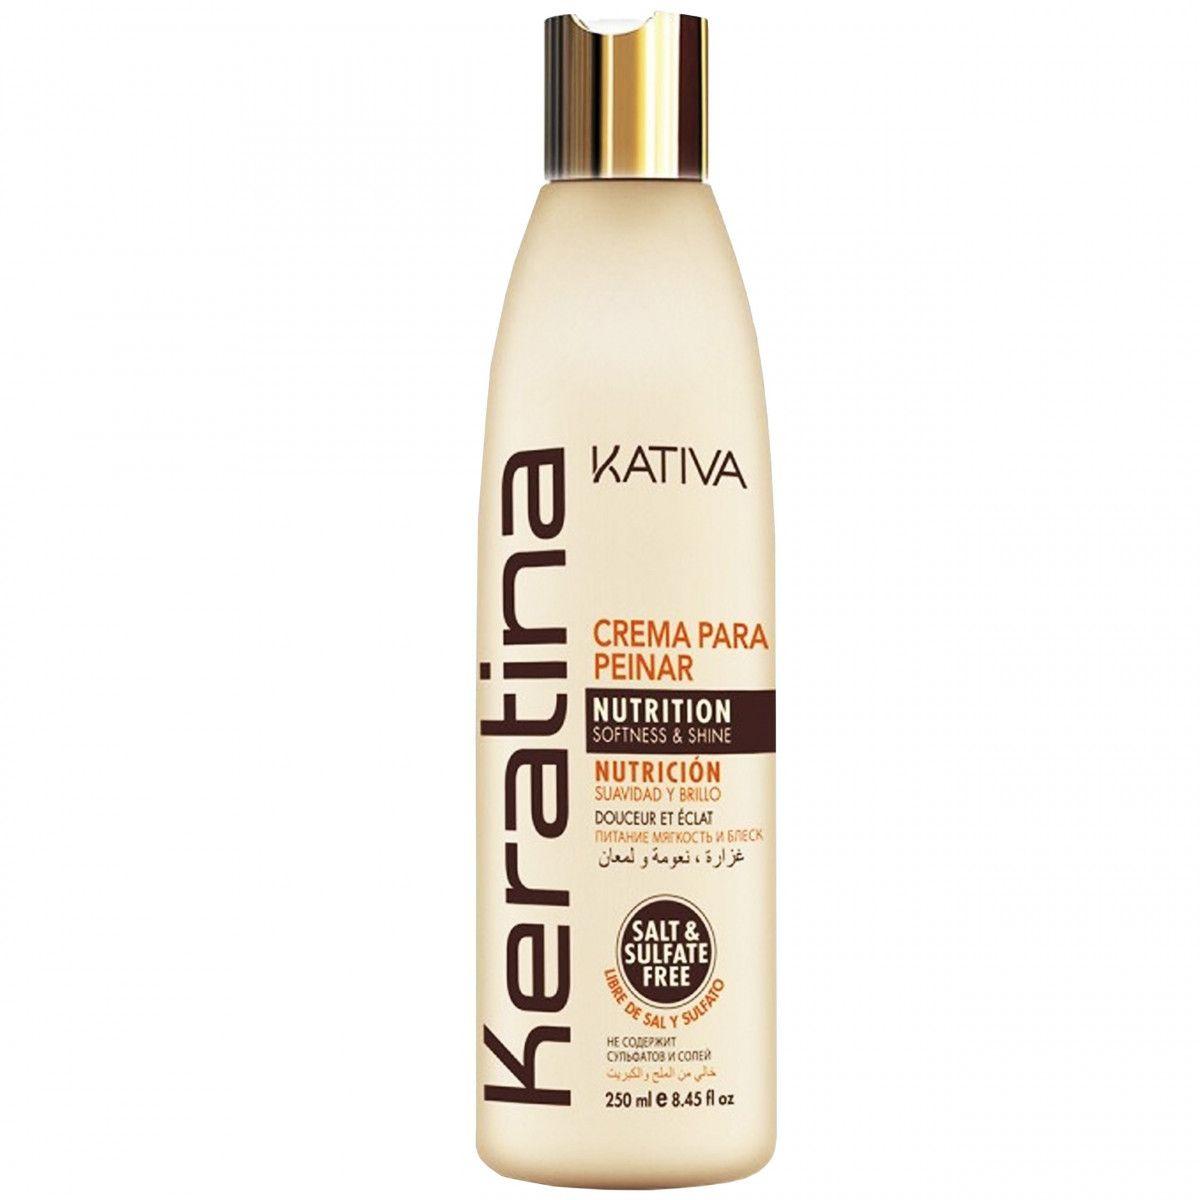 Kativa Keratina Crema Para krem do stylizacji włosów 250ml